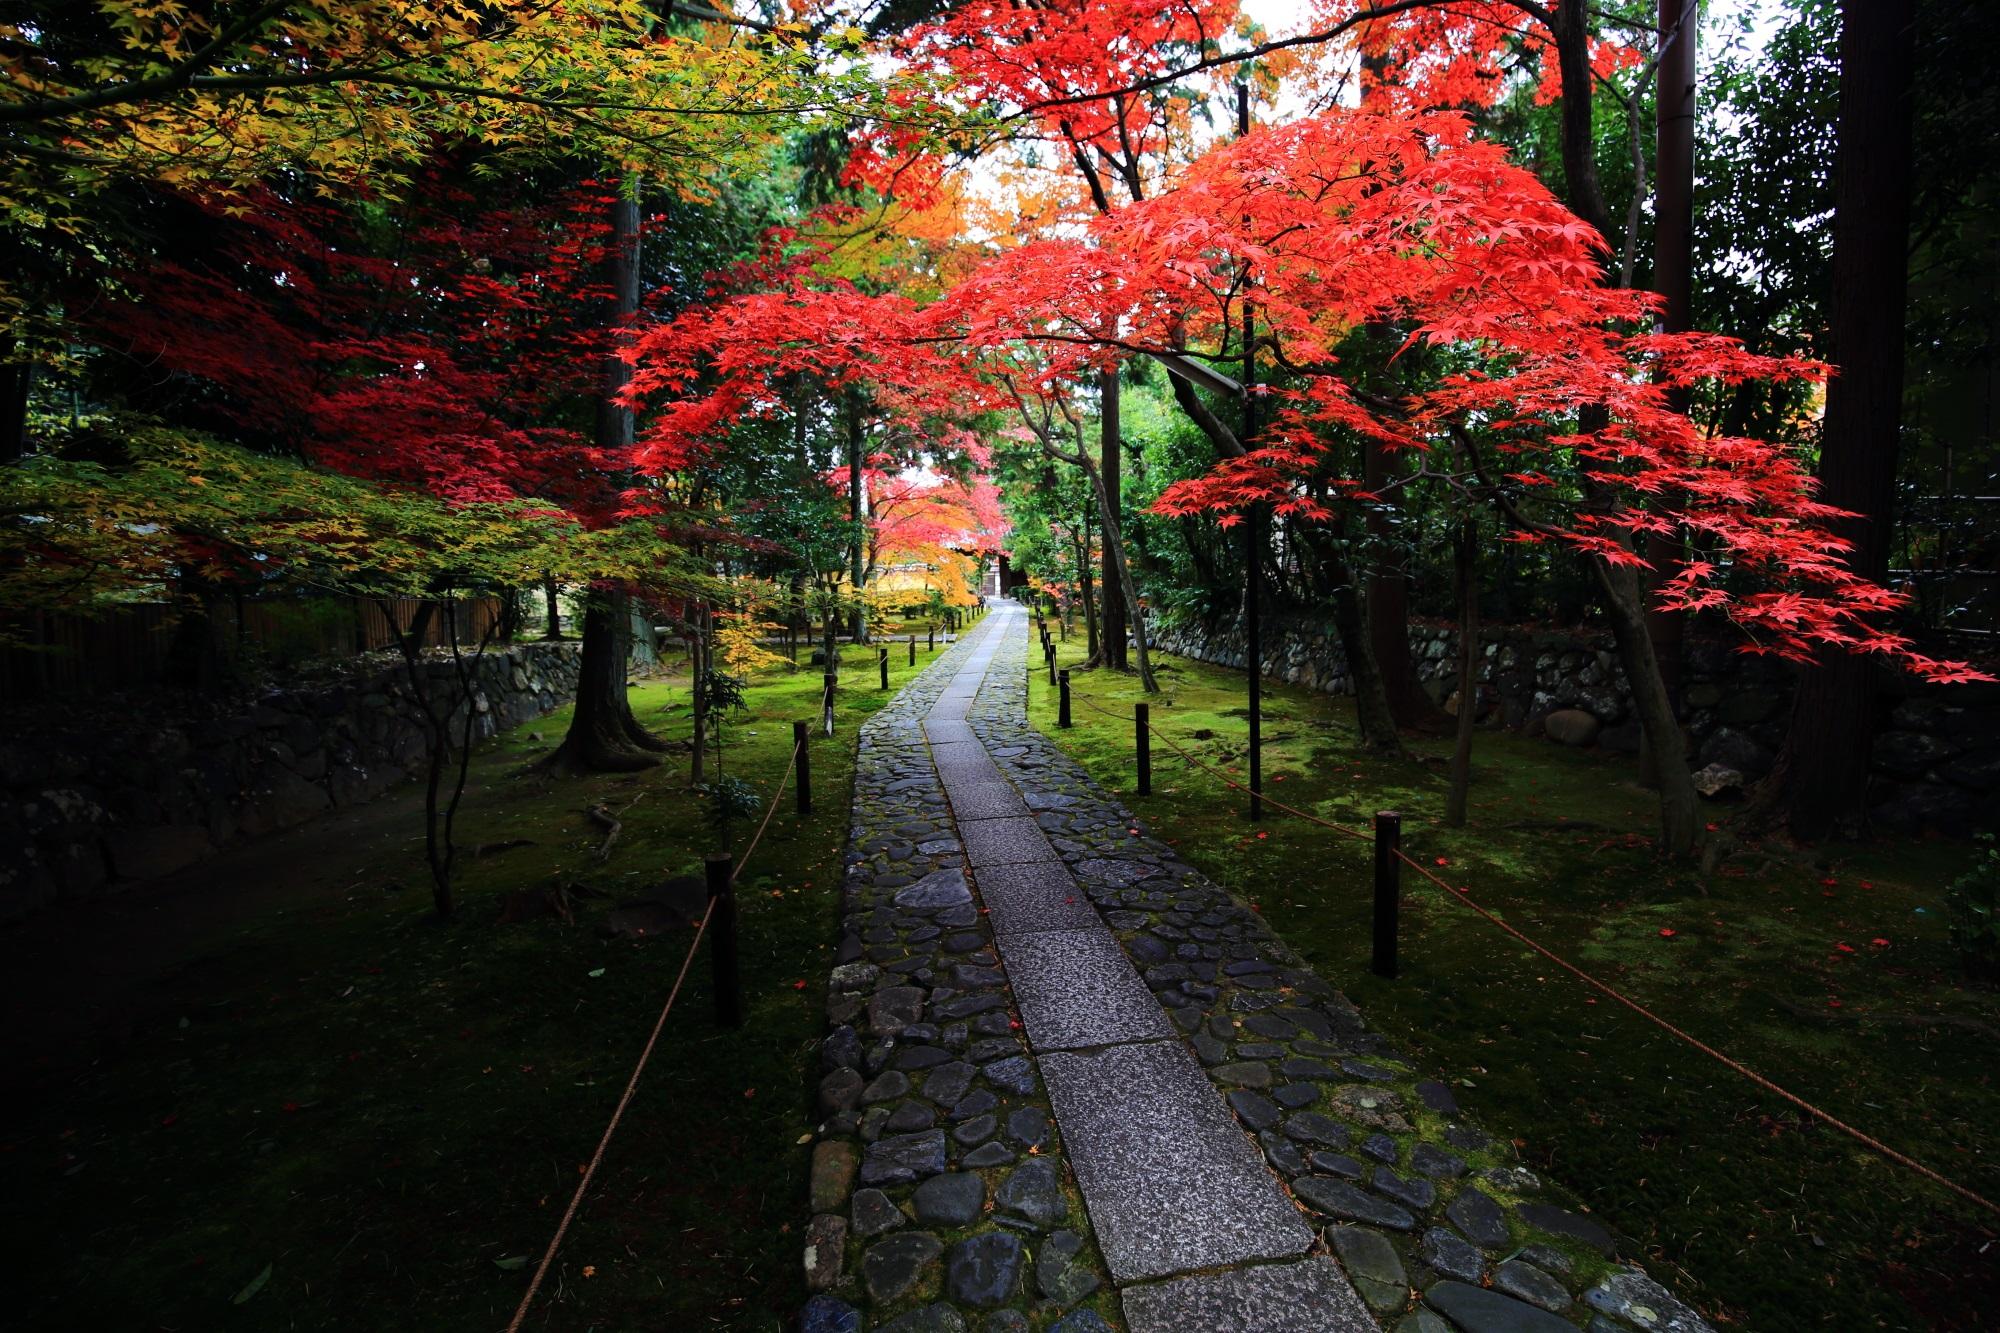 もみじの穴場の鹿王院の参道の見ごろの綺麗な紅葉